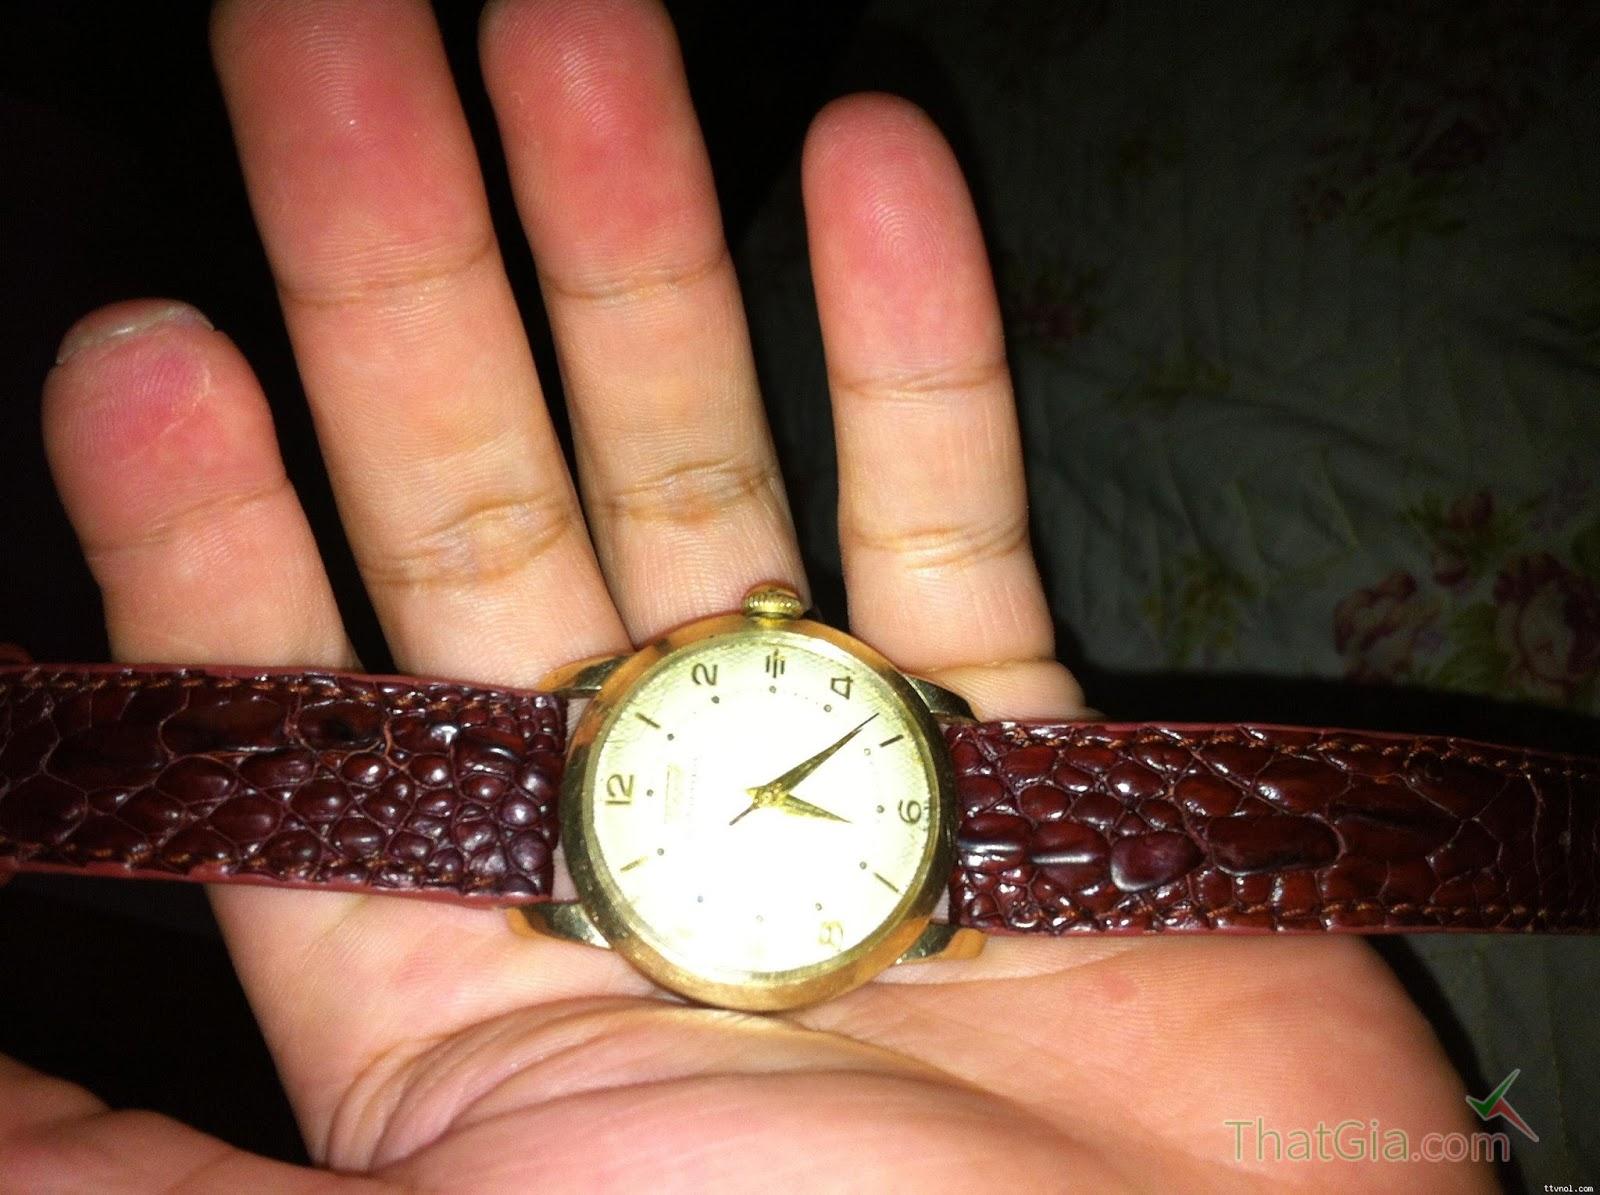 Đồng hồ dây da cá sấu Thật thường sang trọng và đẳng cấp